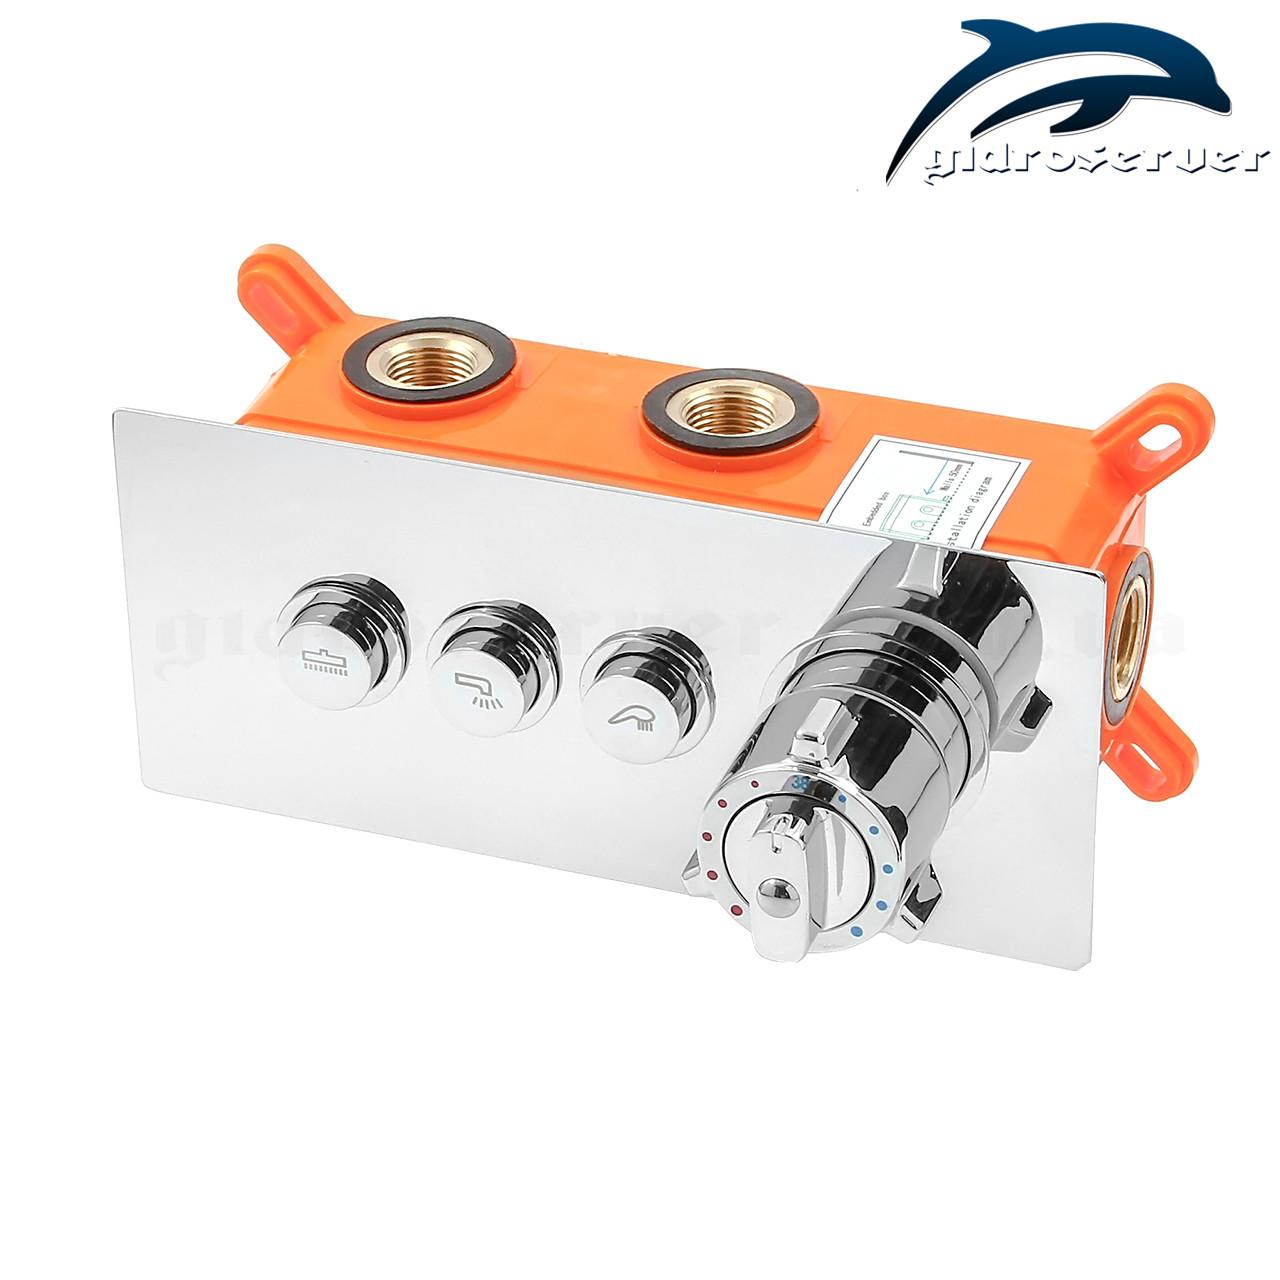 Смеситель для скрытого монтажа термостатический GTB-03 с переключателем на три режима работы.